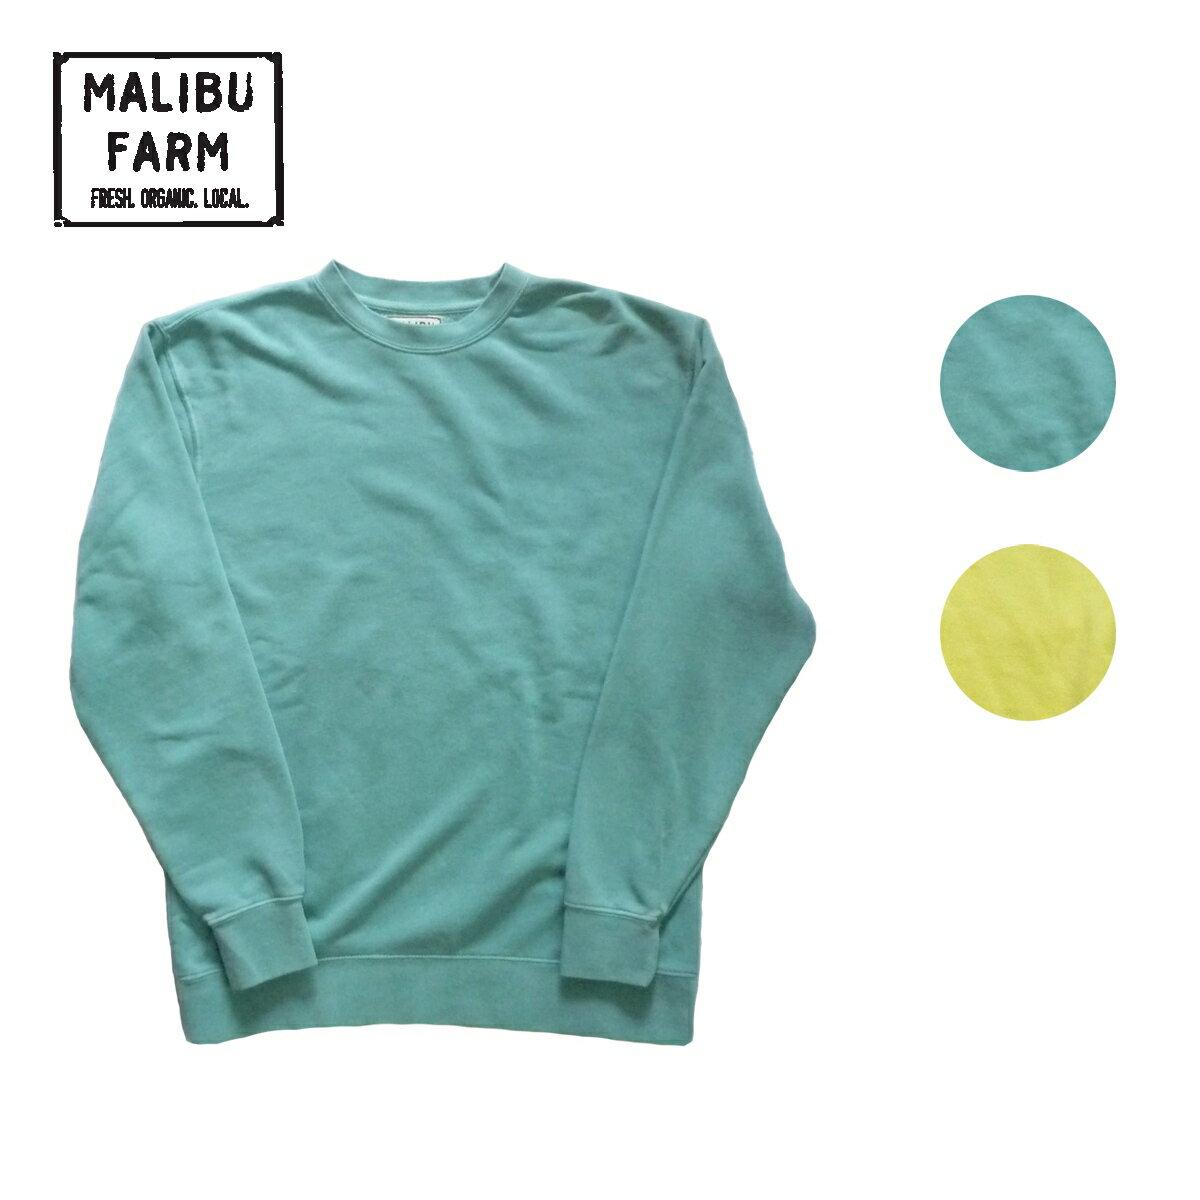 MALIBU FARM マリブファーム PIGMENT CREW